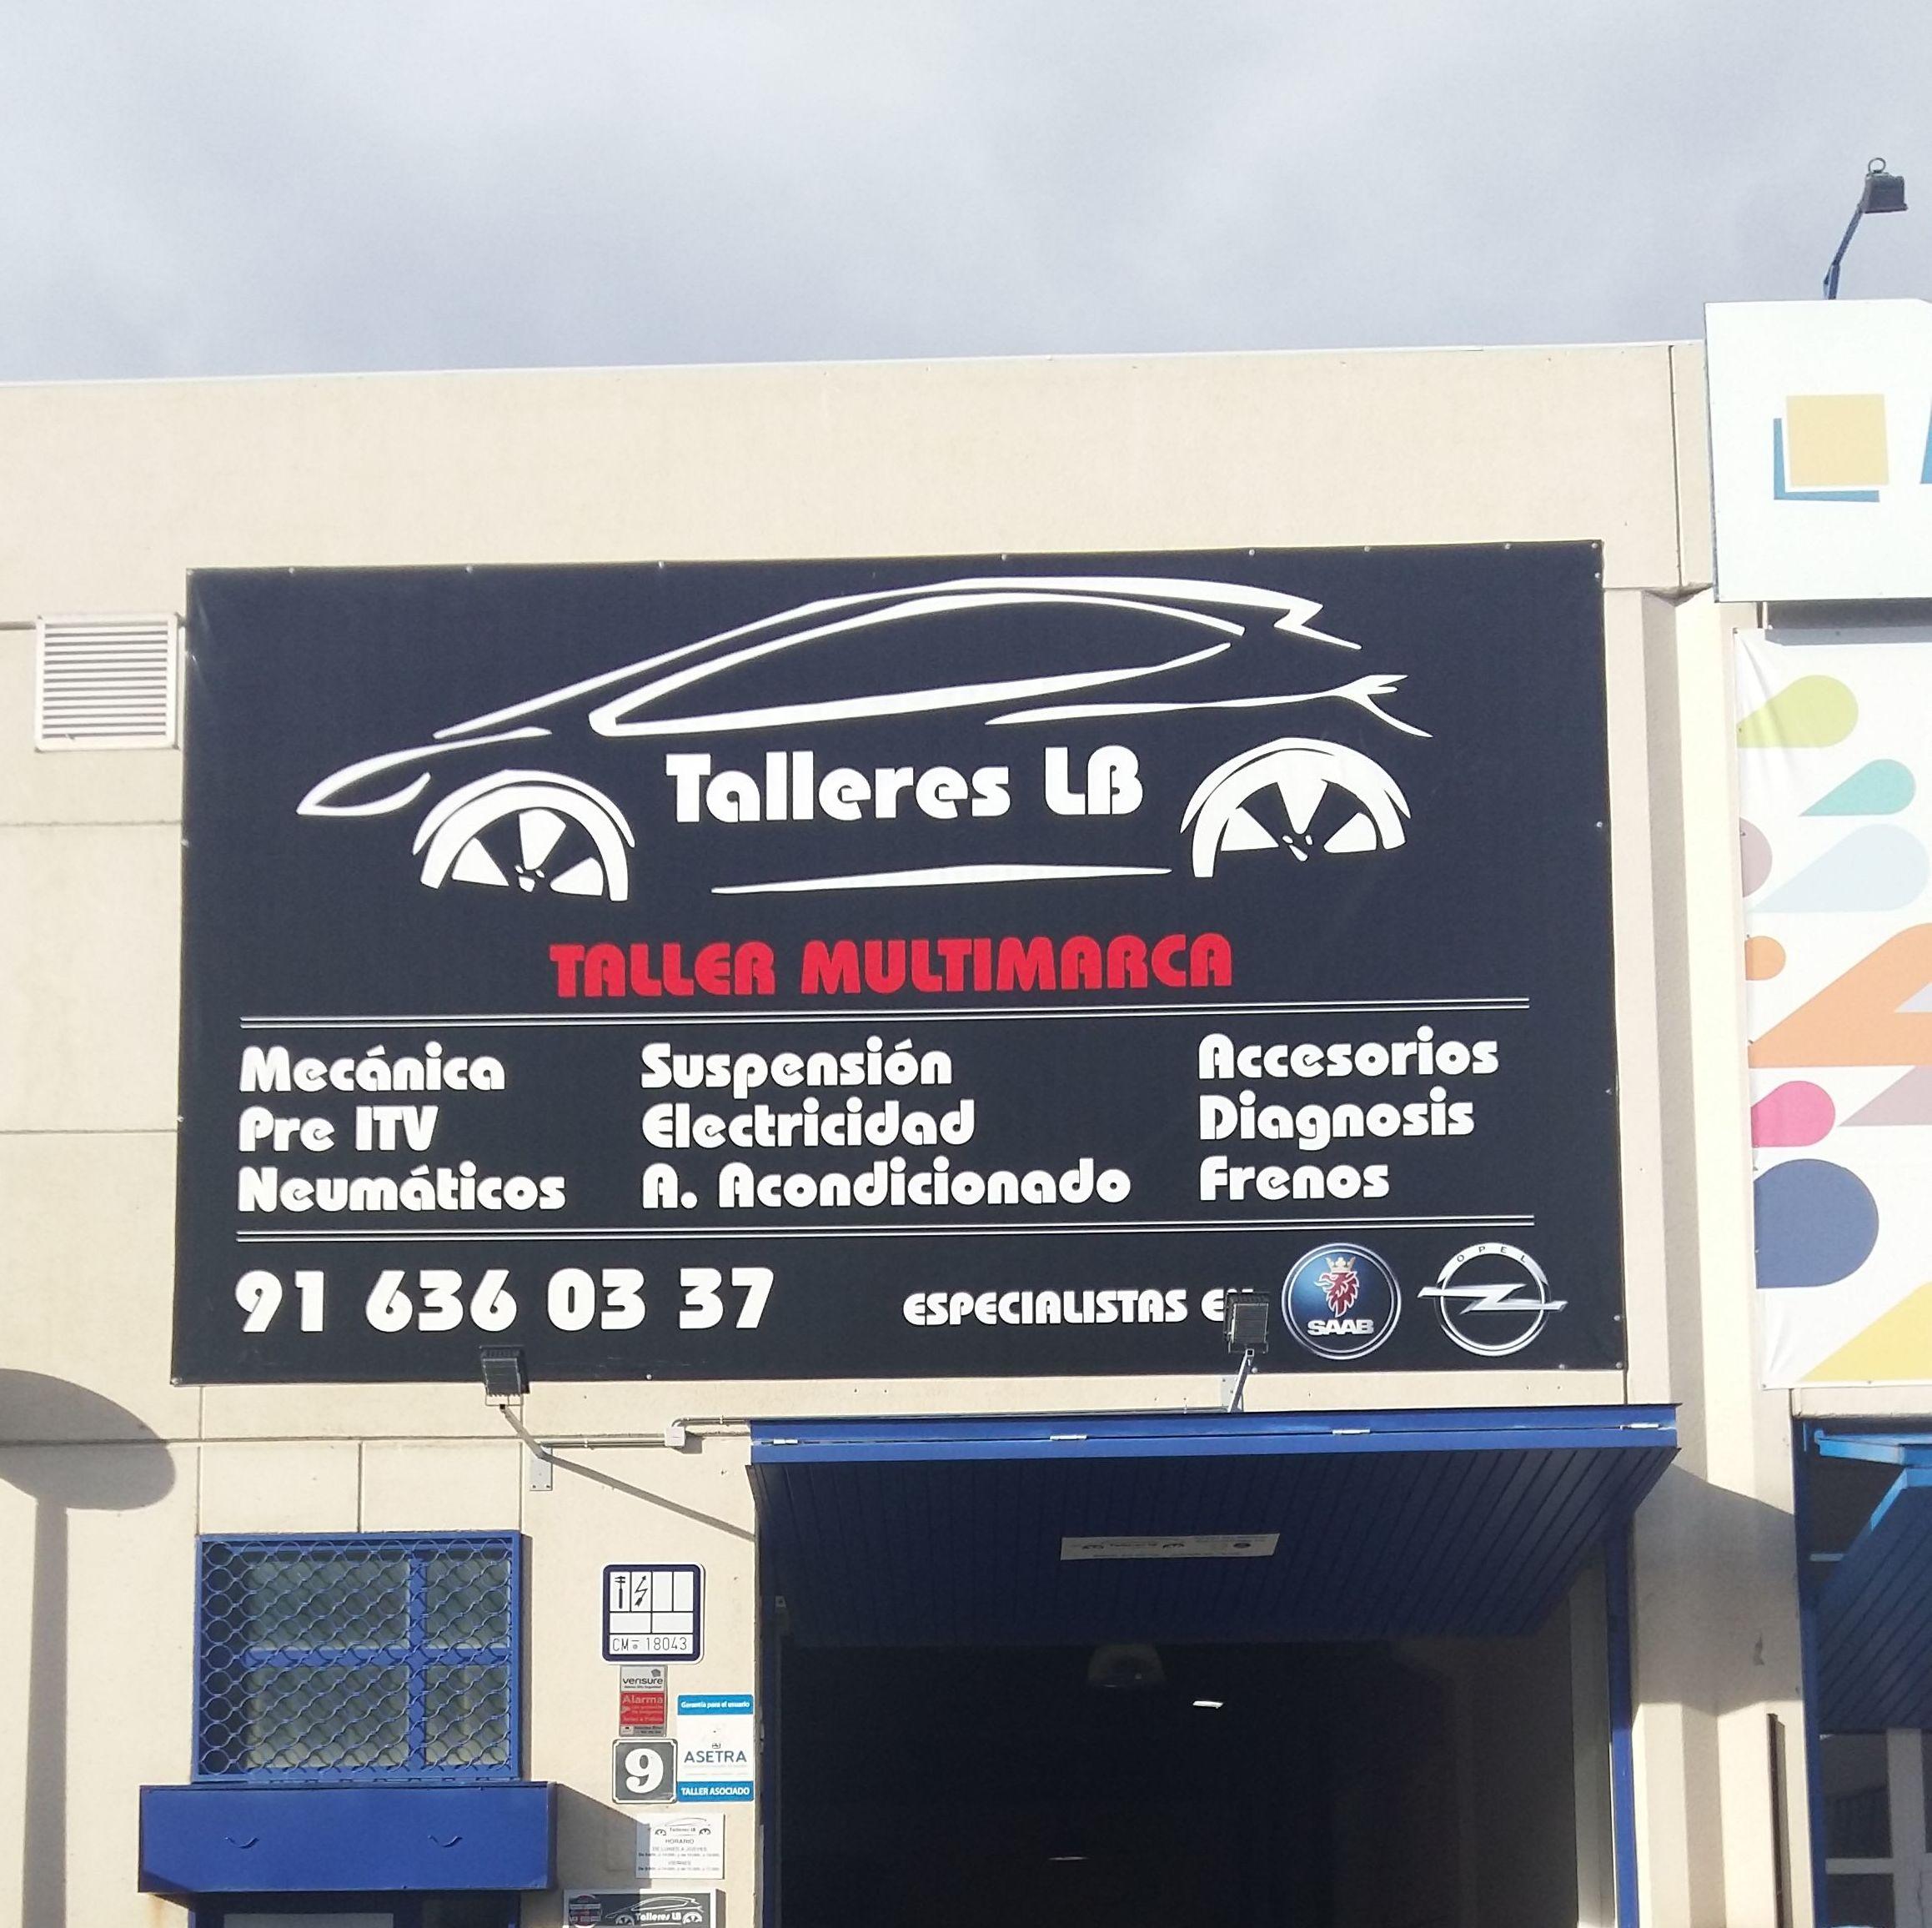 Foto 1 de Talleres de automóviles en Las Rozas | Talleres LB Las Rozas, S.L.